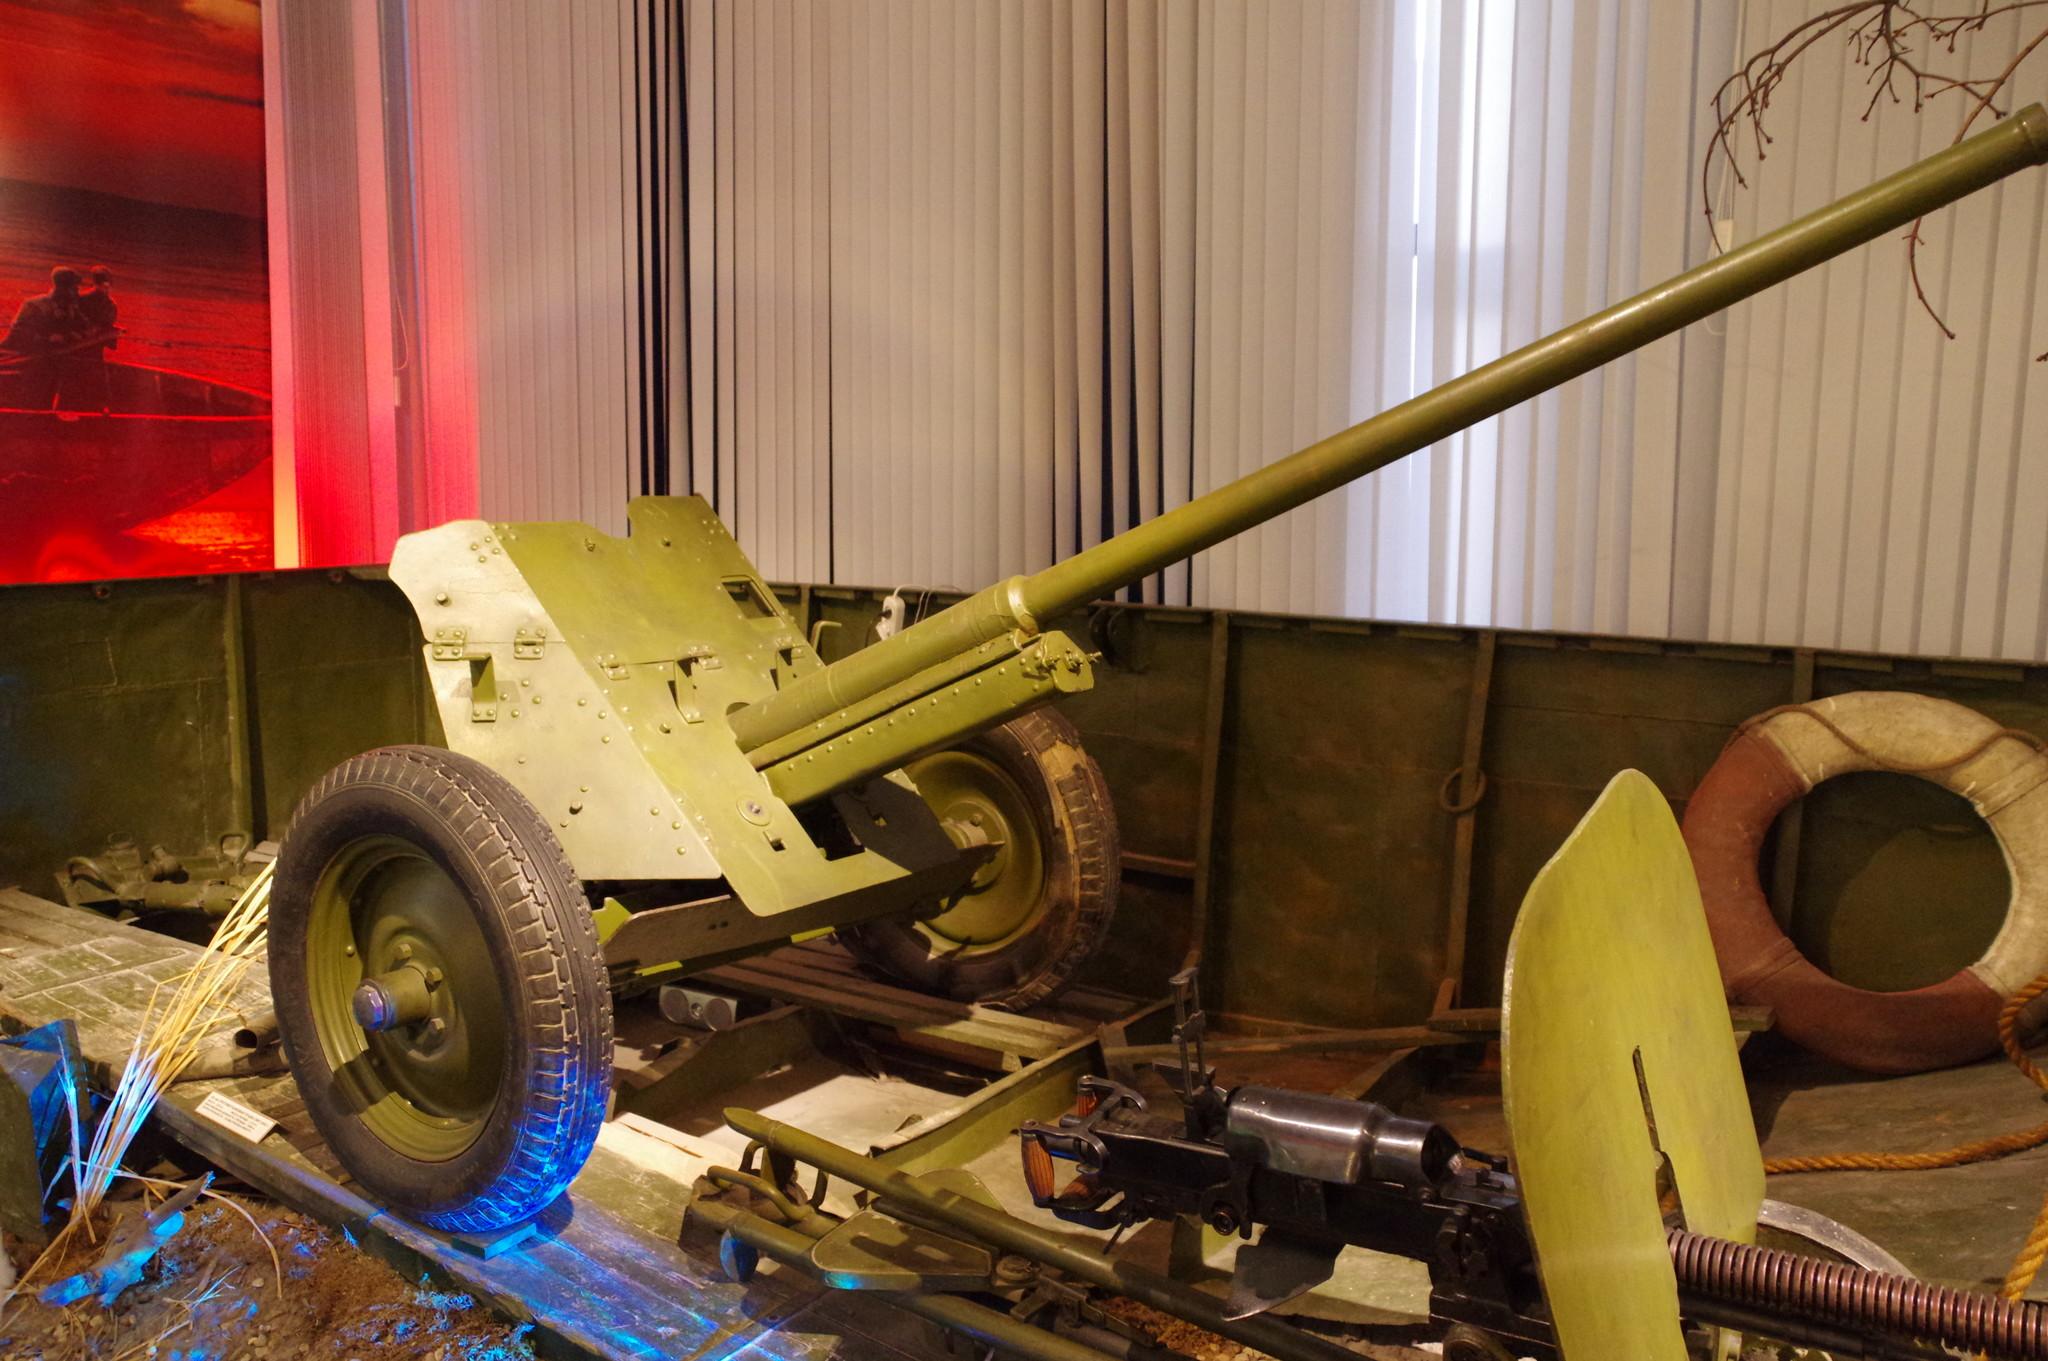 45-мм противотанковая пушка образца 1942 года. Центральный музей Вооруженных сил Российской Федерации (улица Советской Армии, 2)